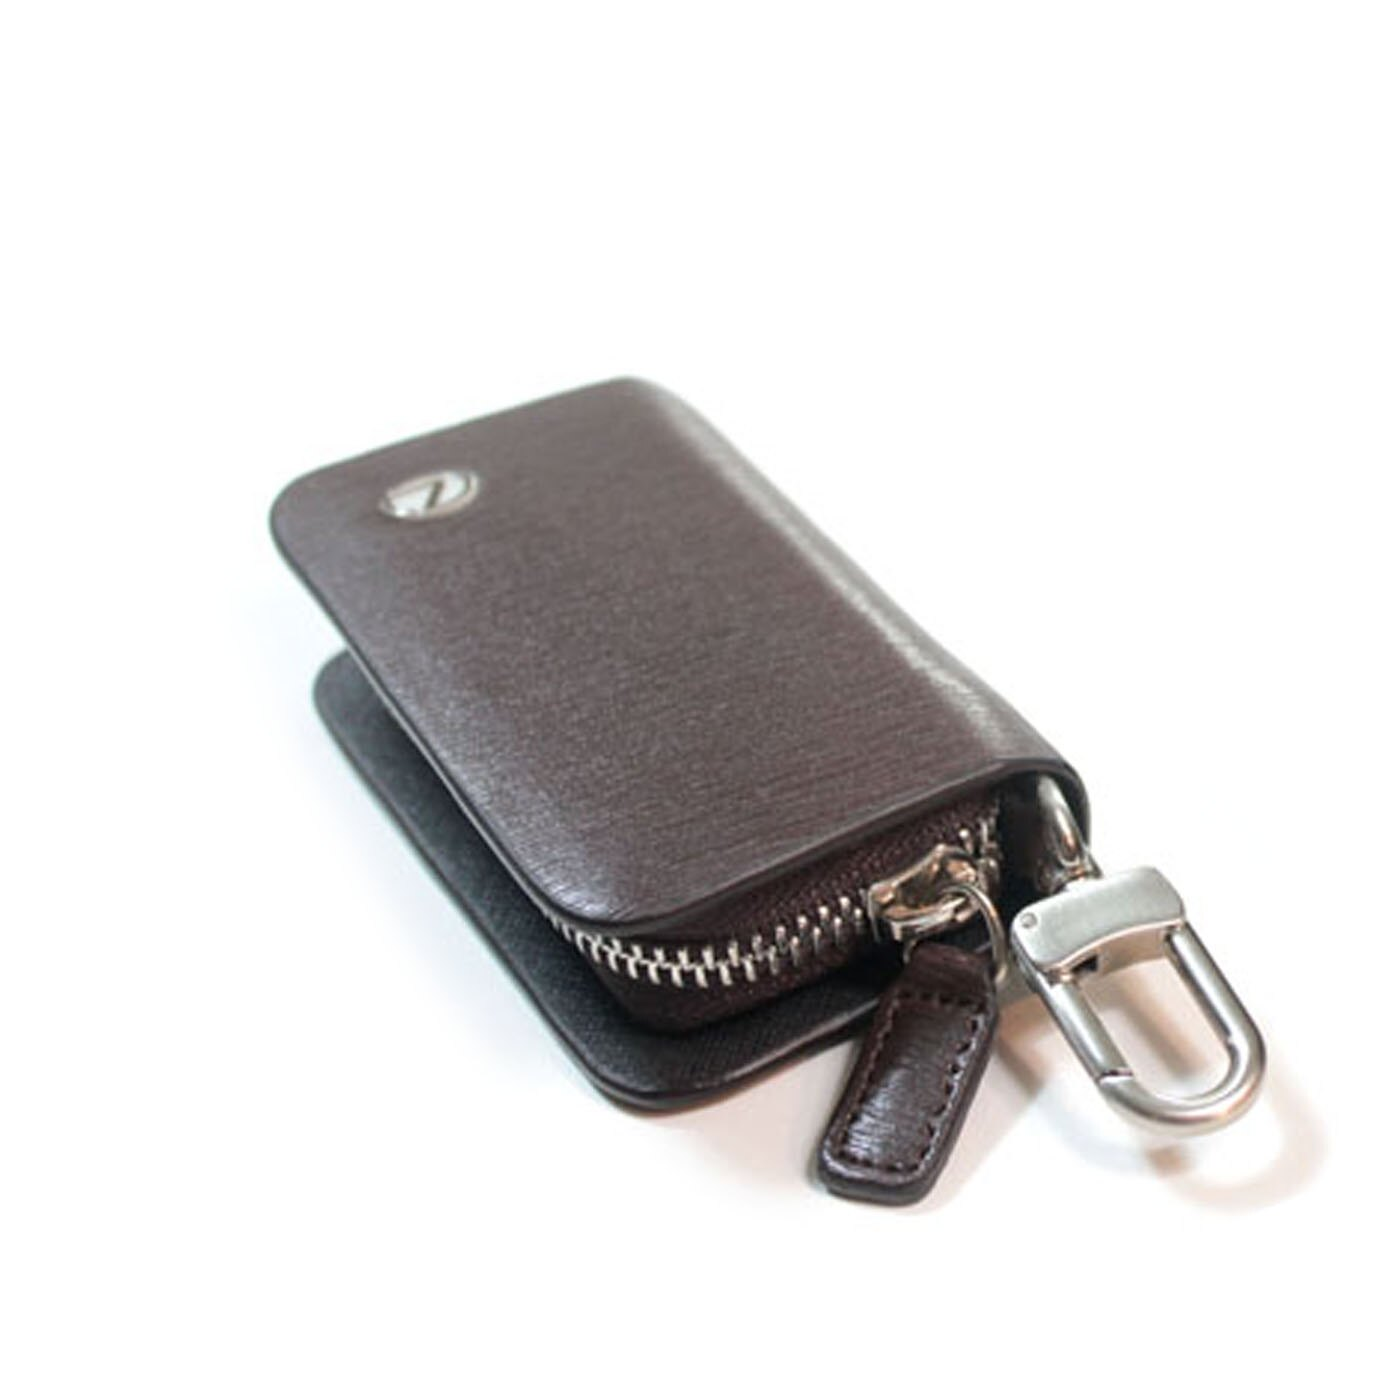 Lexus 凌志 VINTAGE真皮汽車鑰匙包款 咖啡色 車鑰匙扣 零錢包